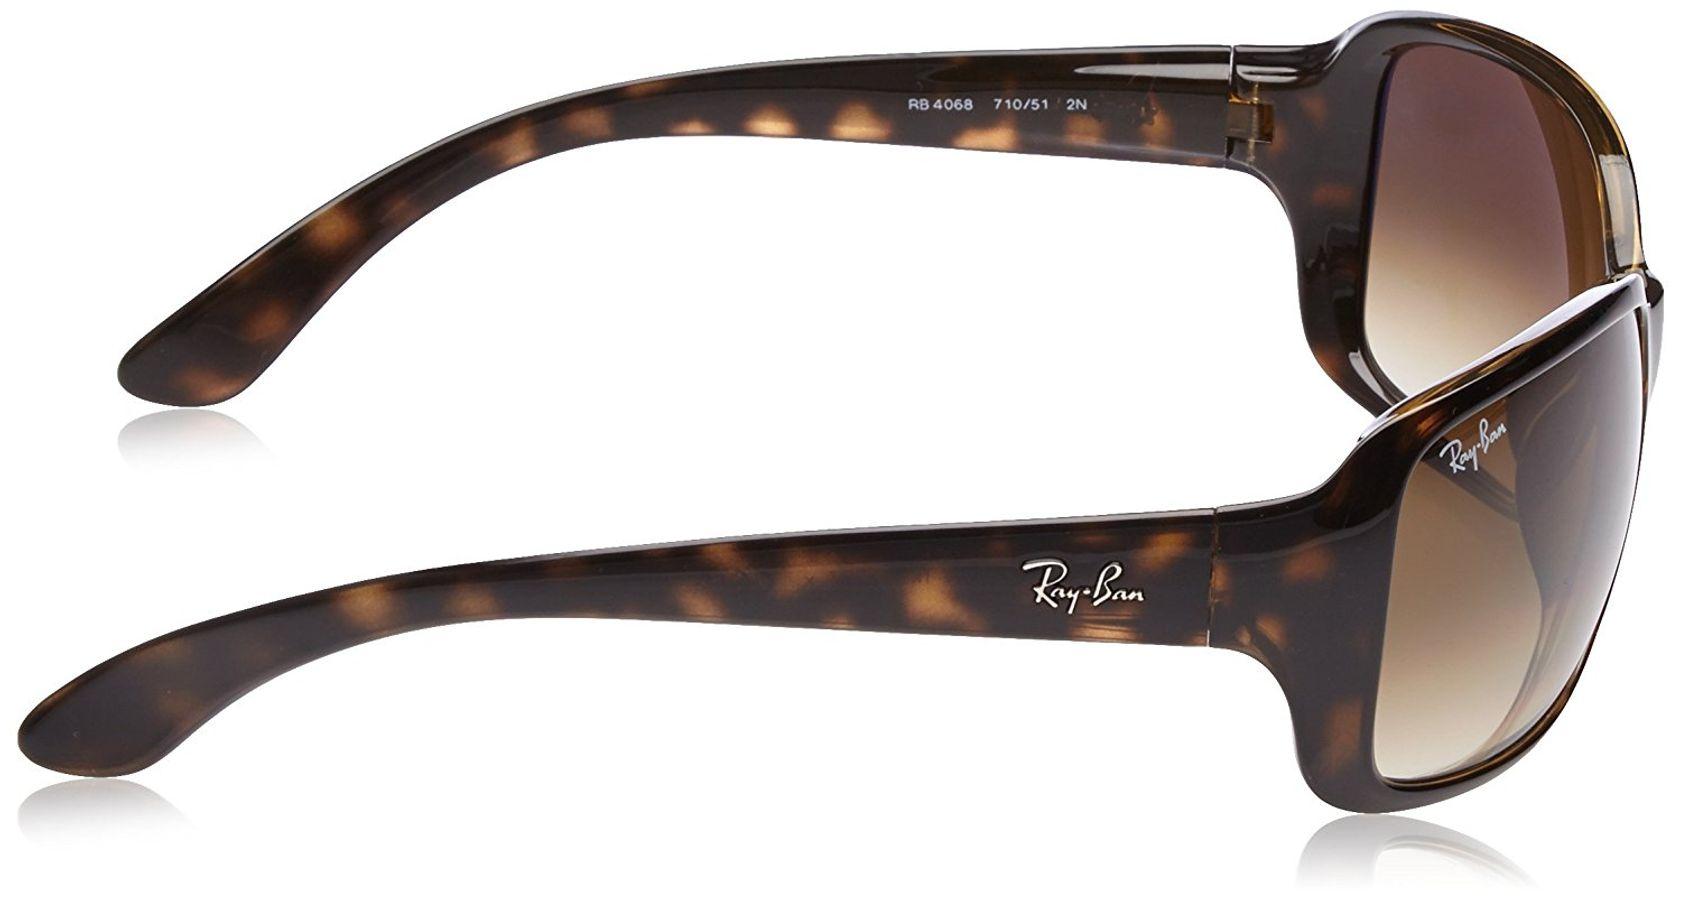 Mắt Kính Rayban RB4068 710/51 Cho Nữ